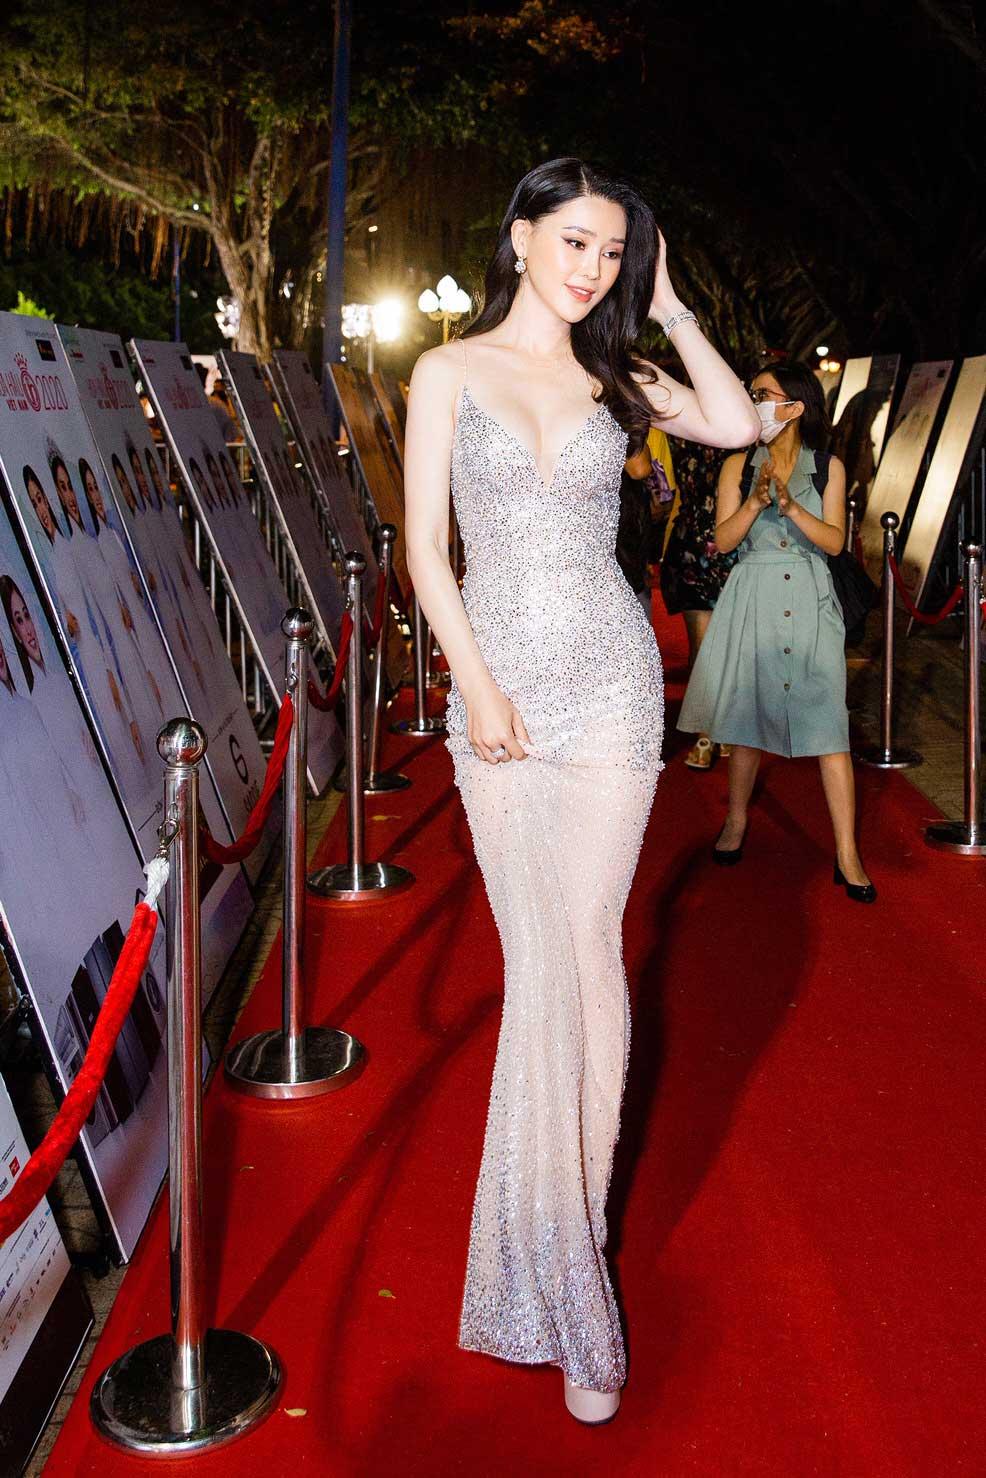 Á hậu Thái Như Ngọc xinh đẹp, tươi trẻ trong đêm thi bikini của Hoa hậu Việt Nam - hình ảnh 3